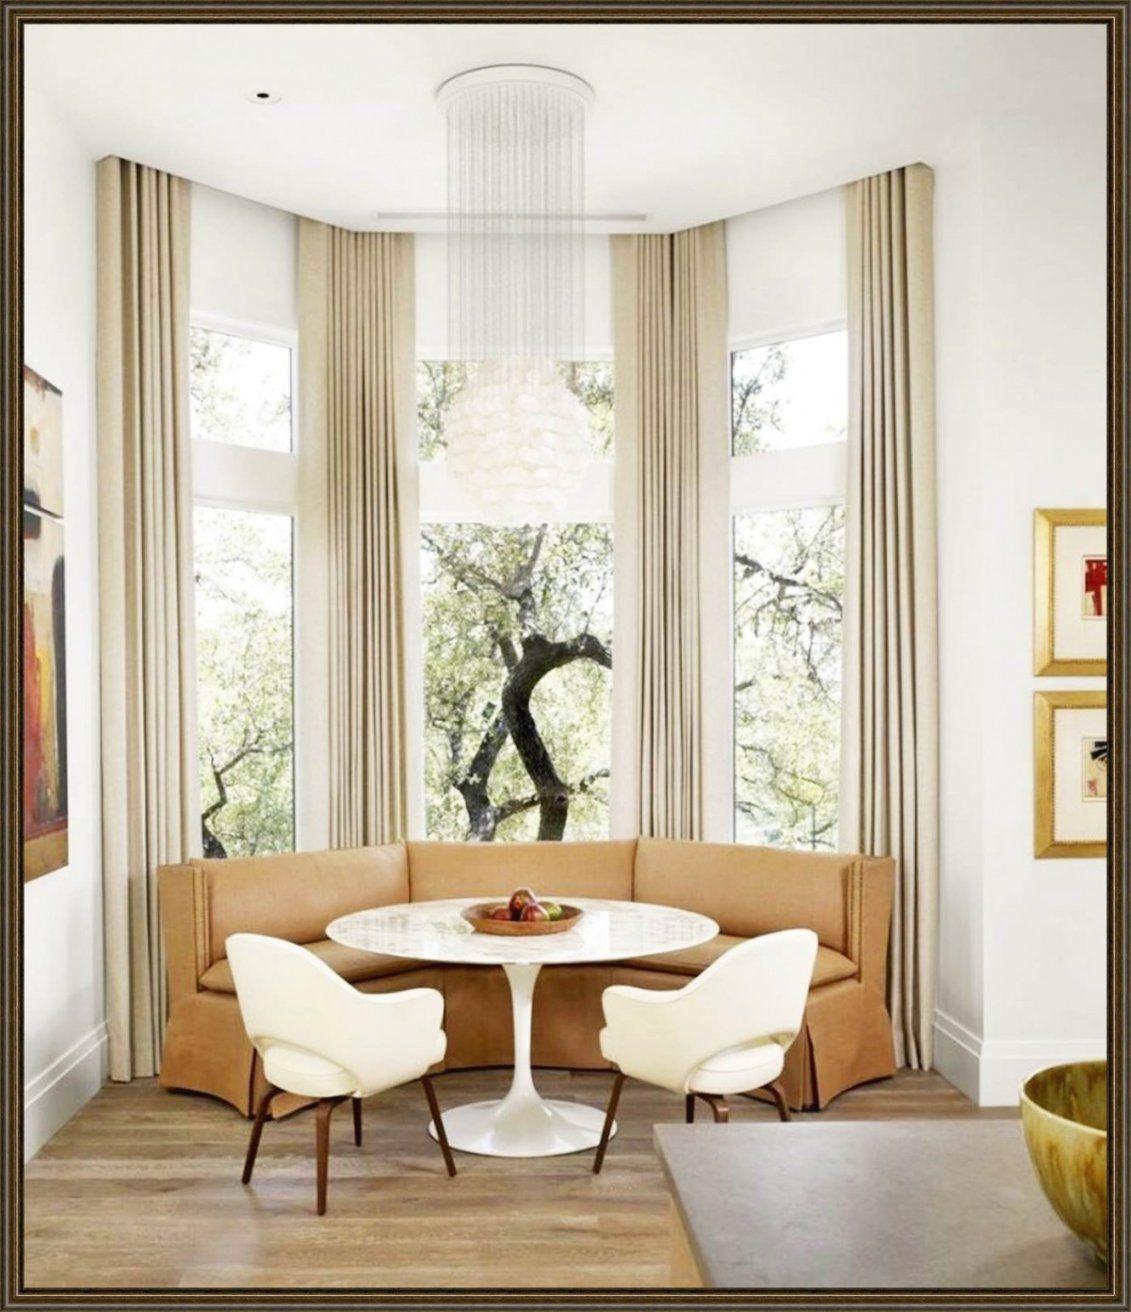 Kreativ Gallery Of 31 Wohnzimmer Fenstergestaltung Moderne Gardinen von Fenstergestaltung Mit Gardinen Beispiele Bild